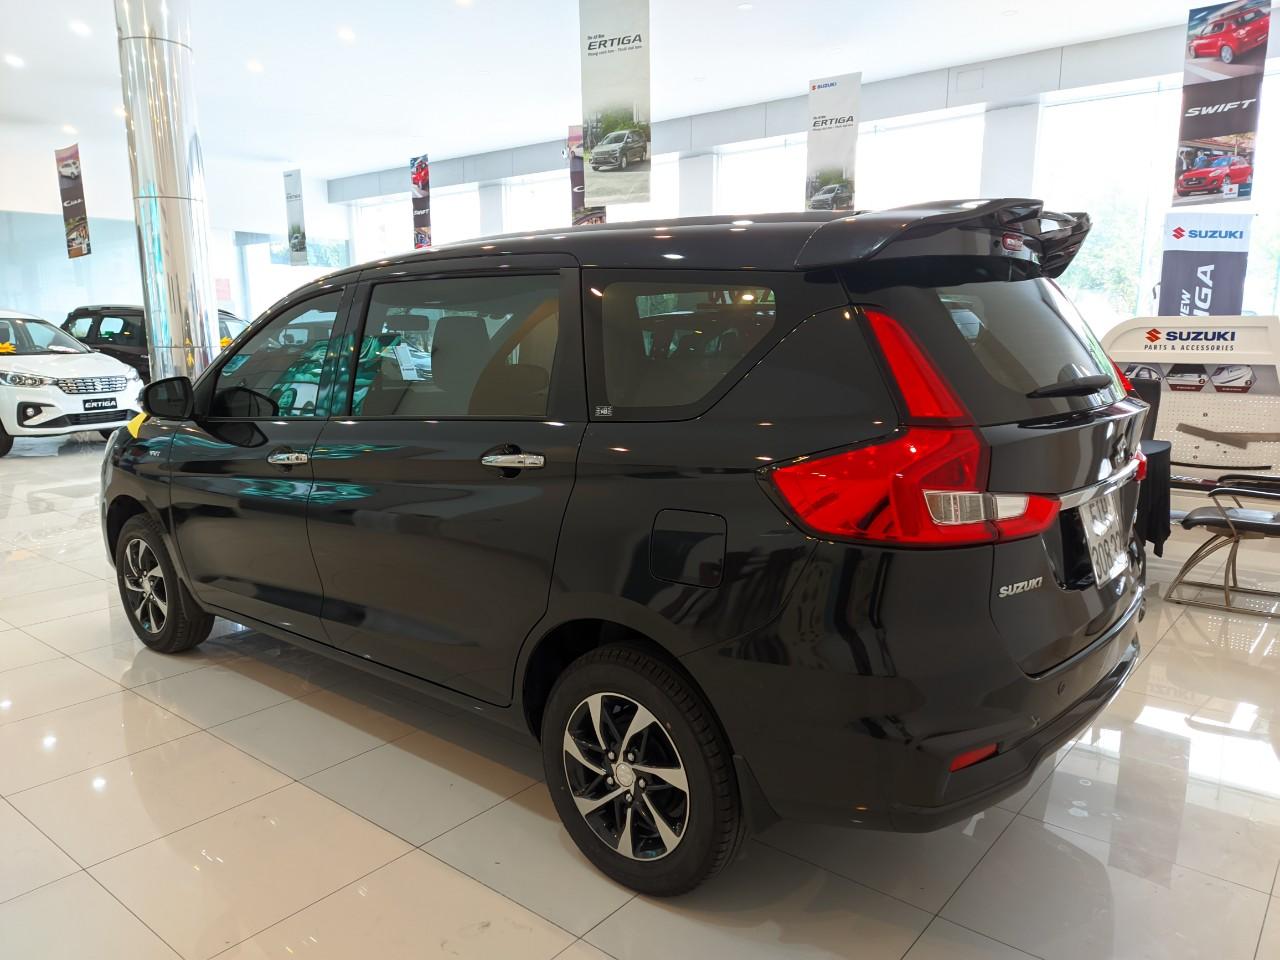 Phần hông Suzuki Eritiga màu đen